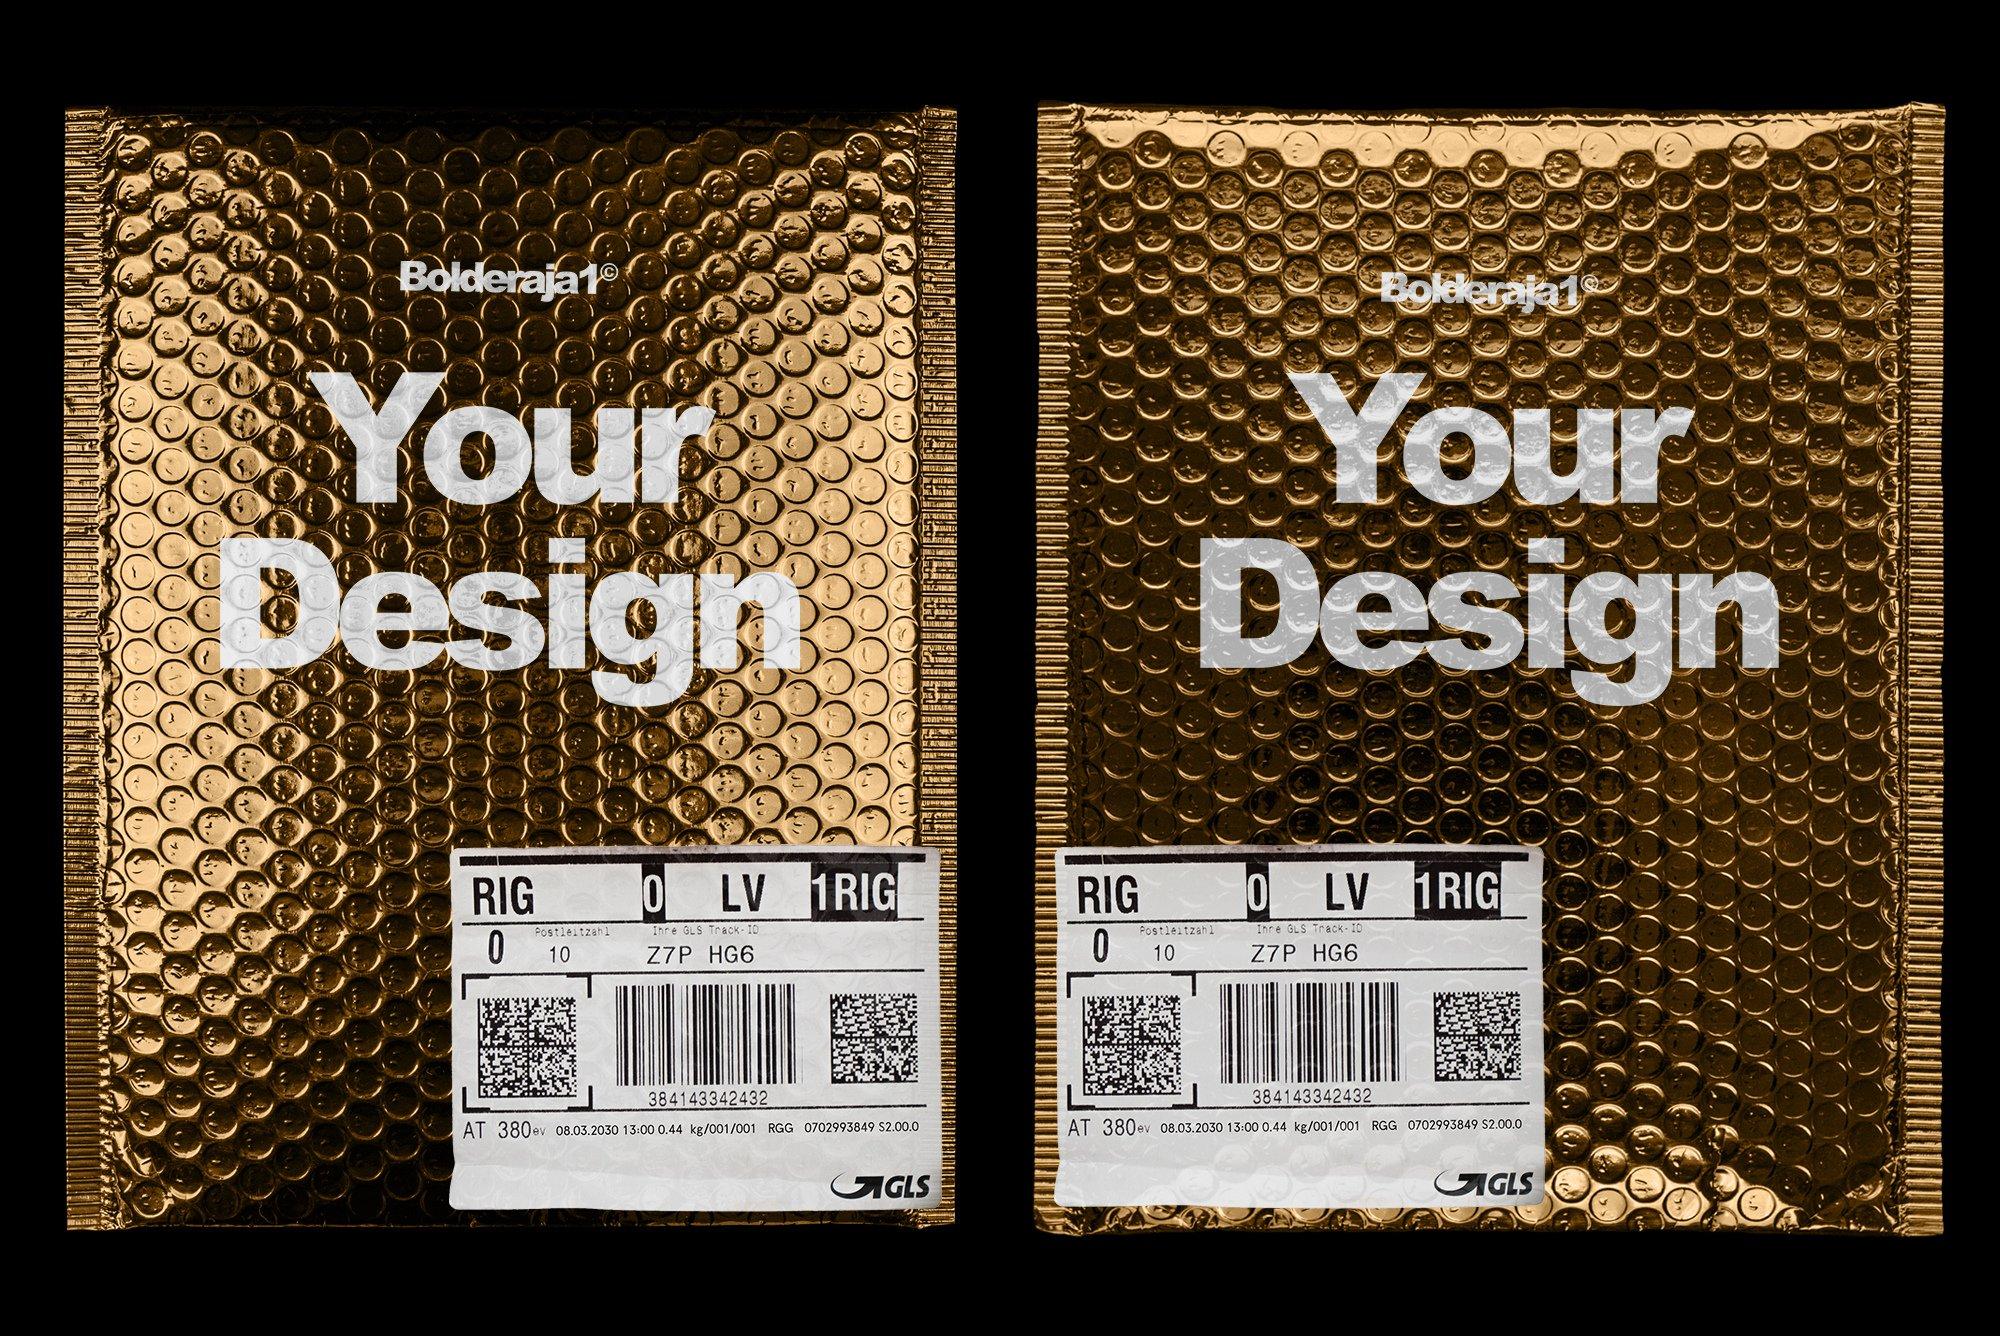 潮流金属铝箔气泡防震邮寄包装袋设计智能贴图样机模板 Gold Plastic Bag Mockup插图(1)